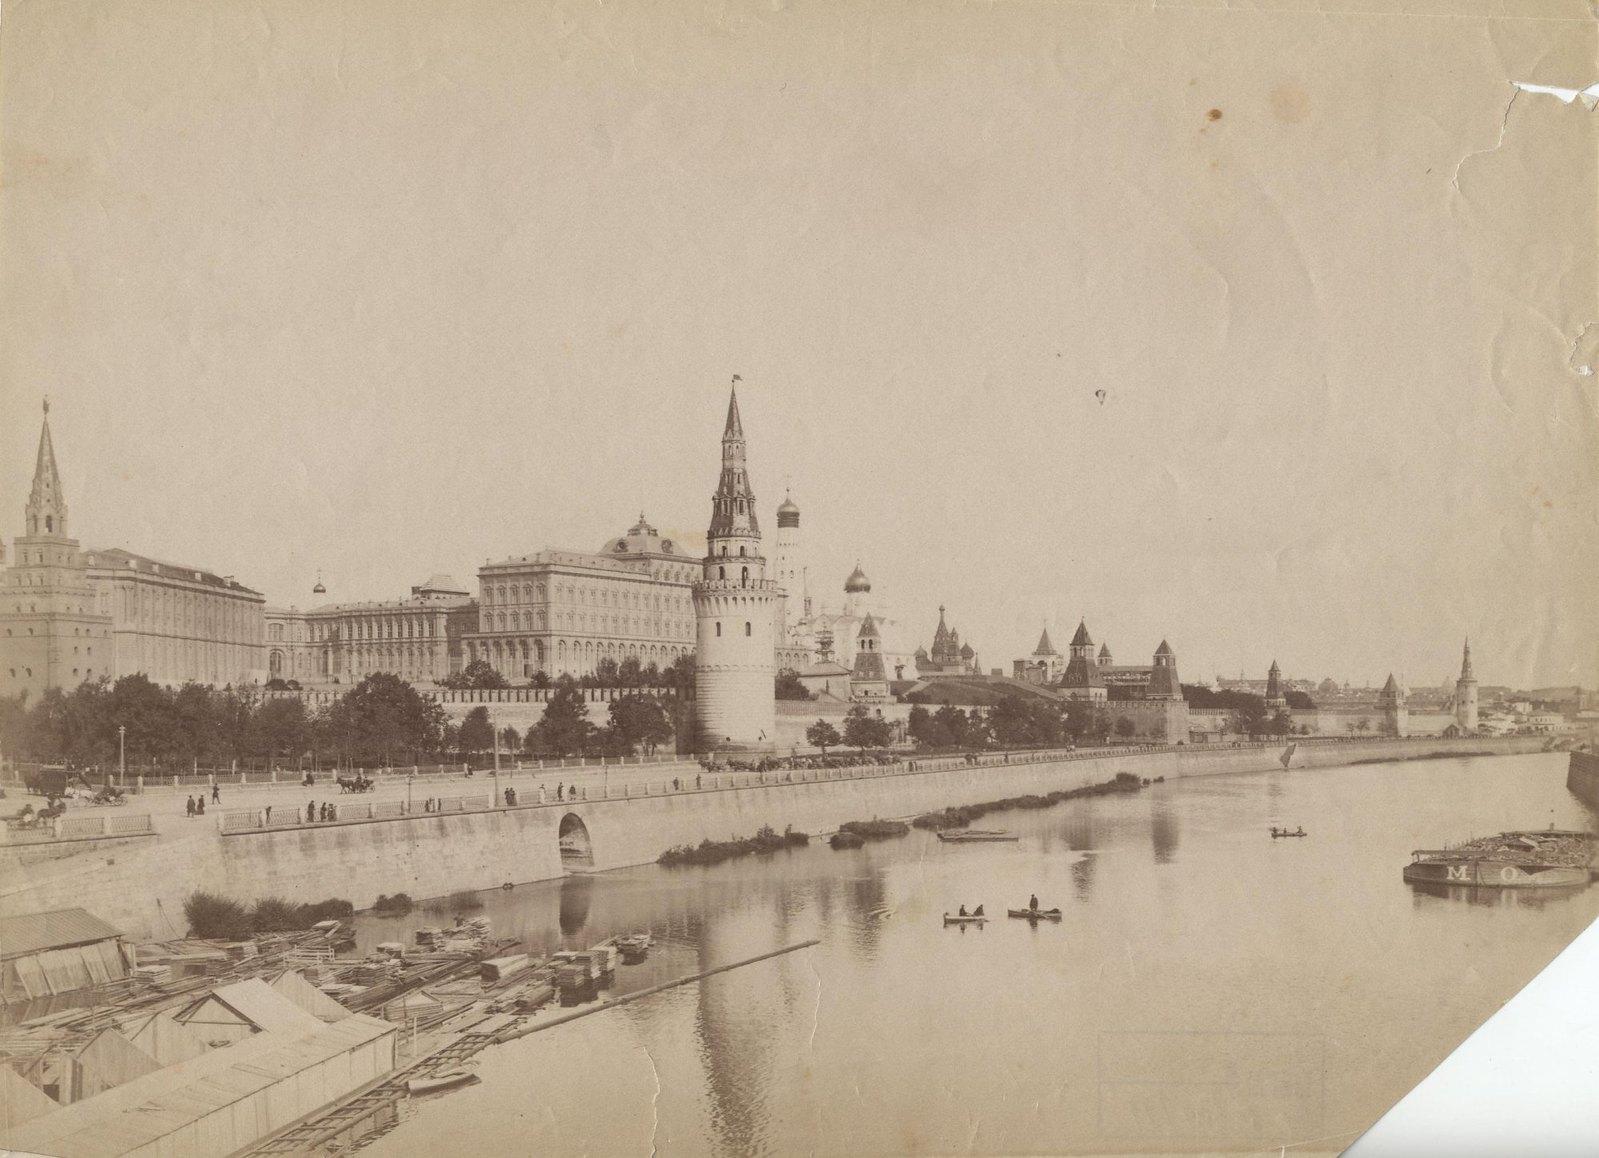 Панорама Кремля со стороны Москвы-реки с видом на Боровицкую и Водовзводную башни и Большой Кремлевский дворец